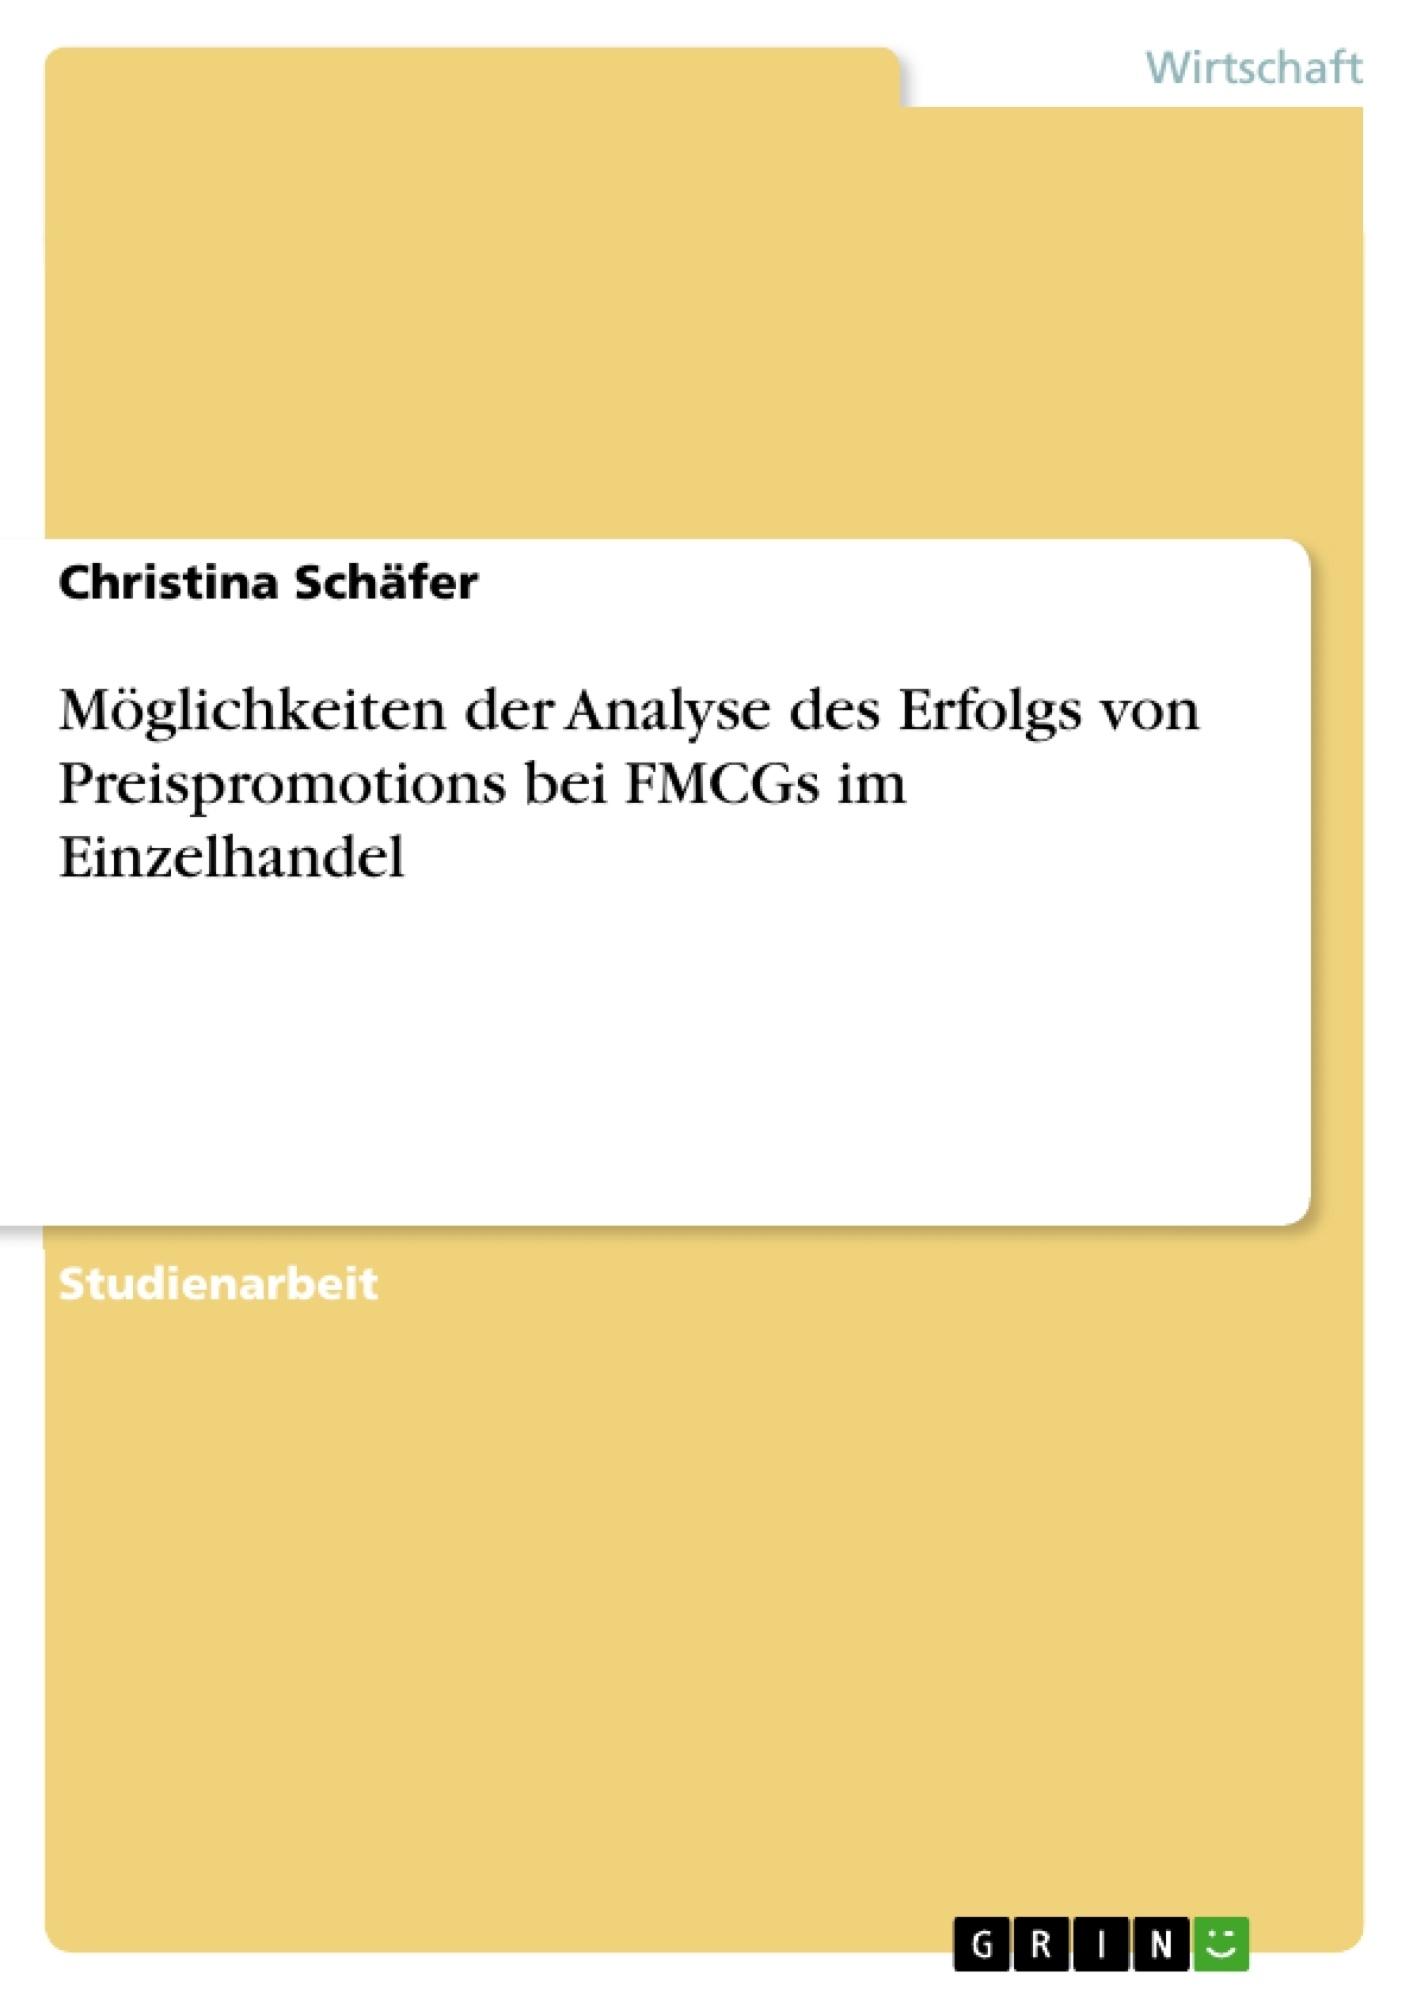 Titel: Möglichkeiten der Analyse des Erfolgs von Preispromotions bei FMCGs im  Einzelhandel